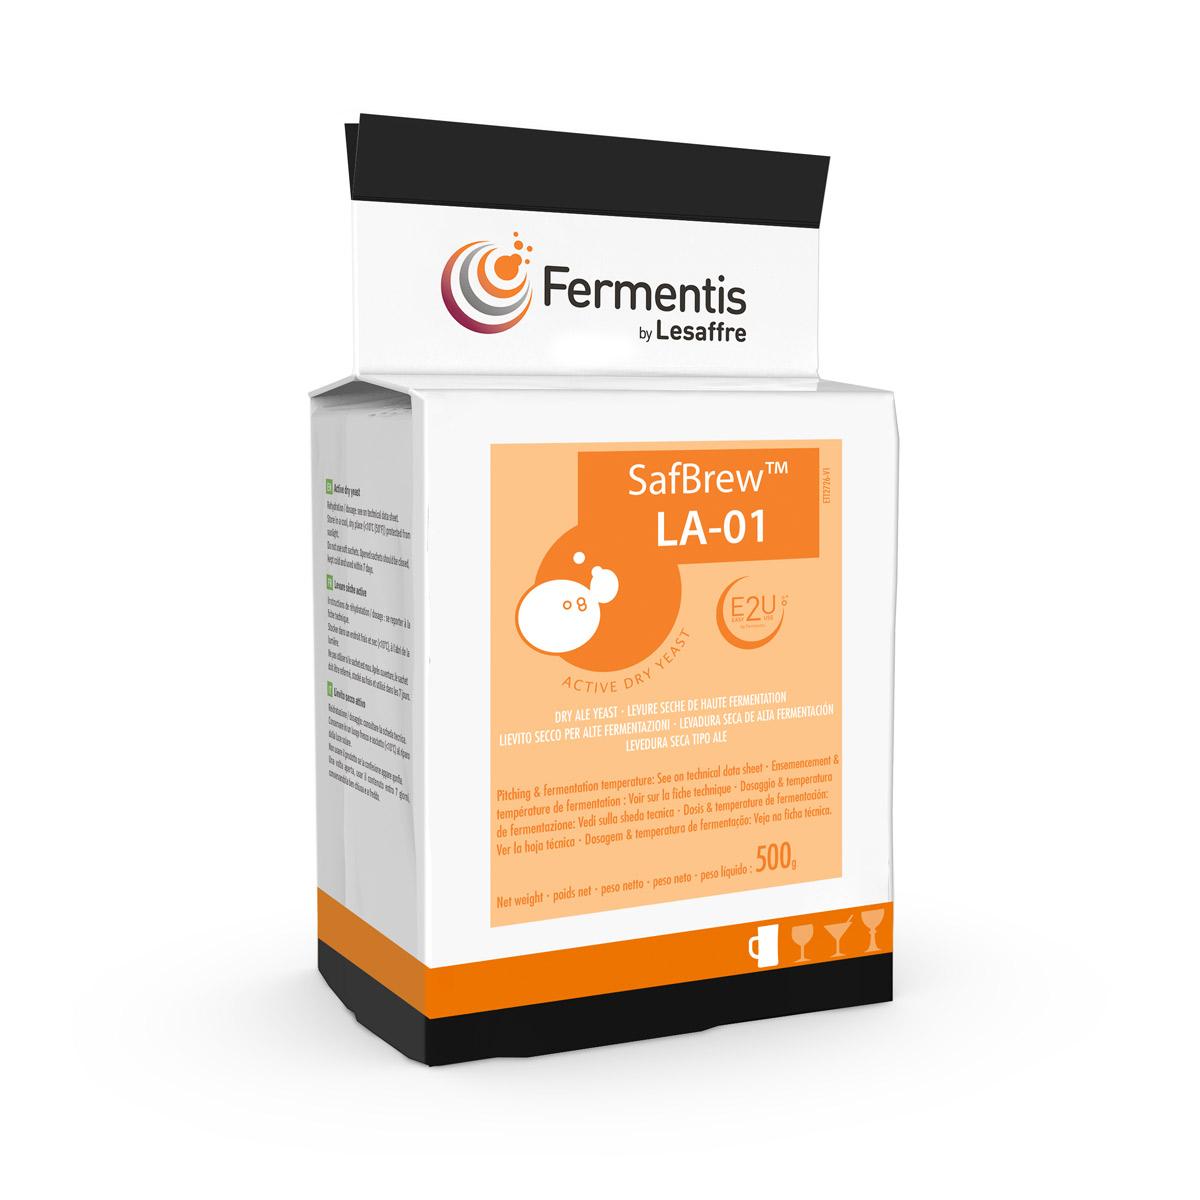 SafBrew LA-01 levure sèche active pour brasseurs de Fermentis